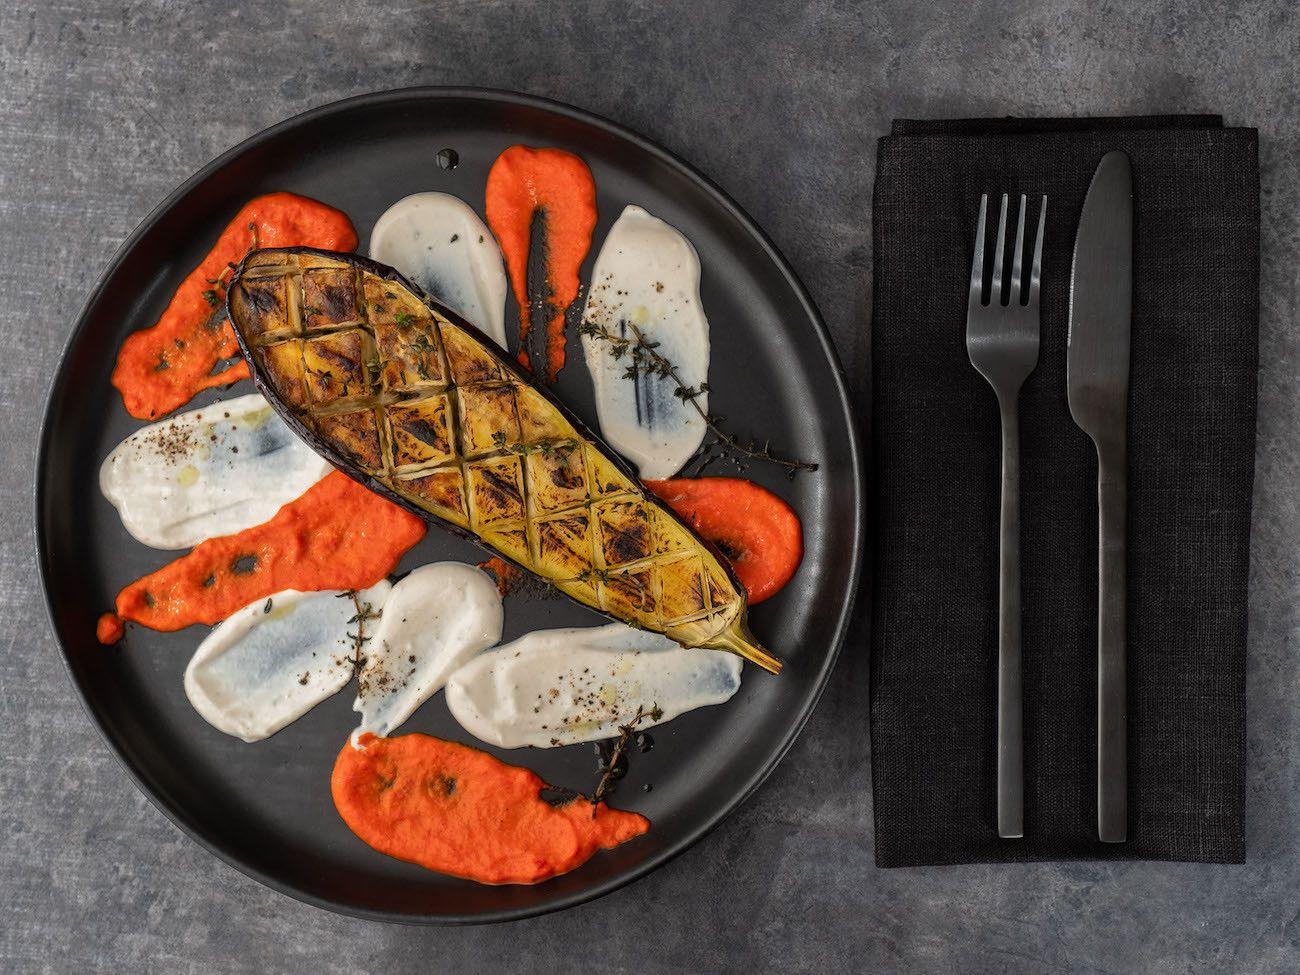 Foodblog About Fuel, Rezept Gegrillte Aubergine mit Joghurt-Tahin Soße und Paprika Dip, Serviette, Teller, Besteck